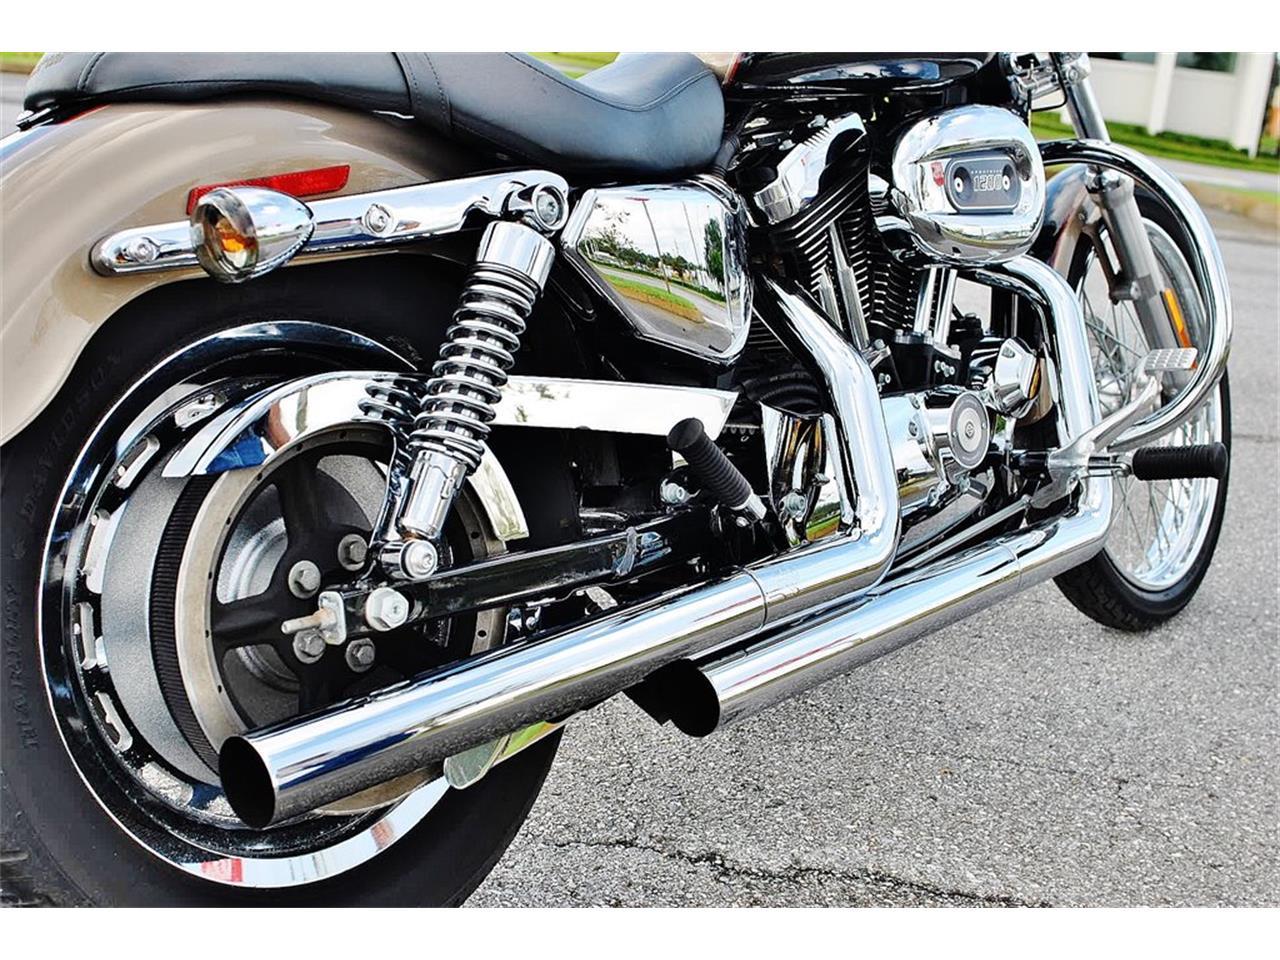 2004 Harley-Davidson Sportster (CC-1112487) for sale in Lakeland, Florida